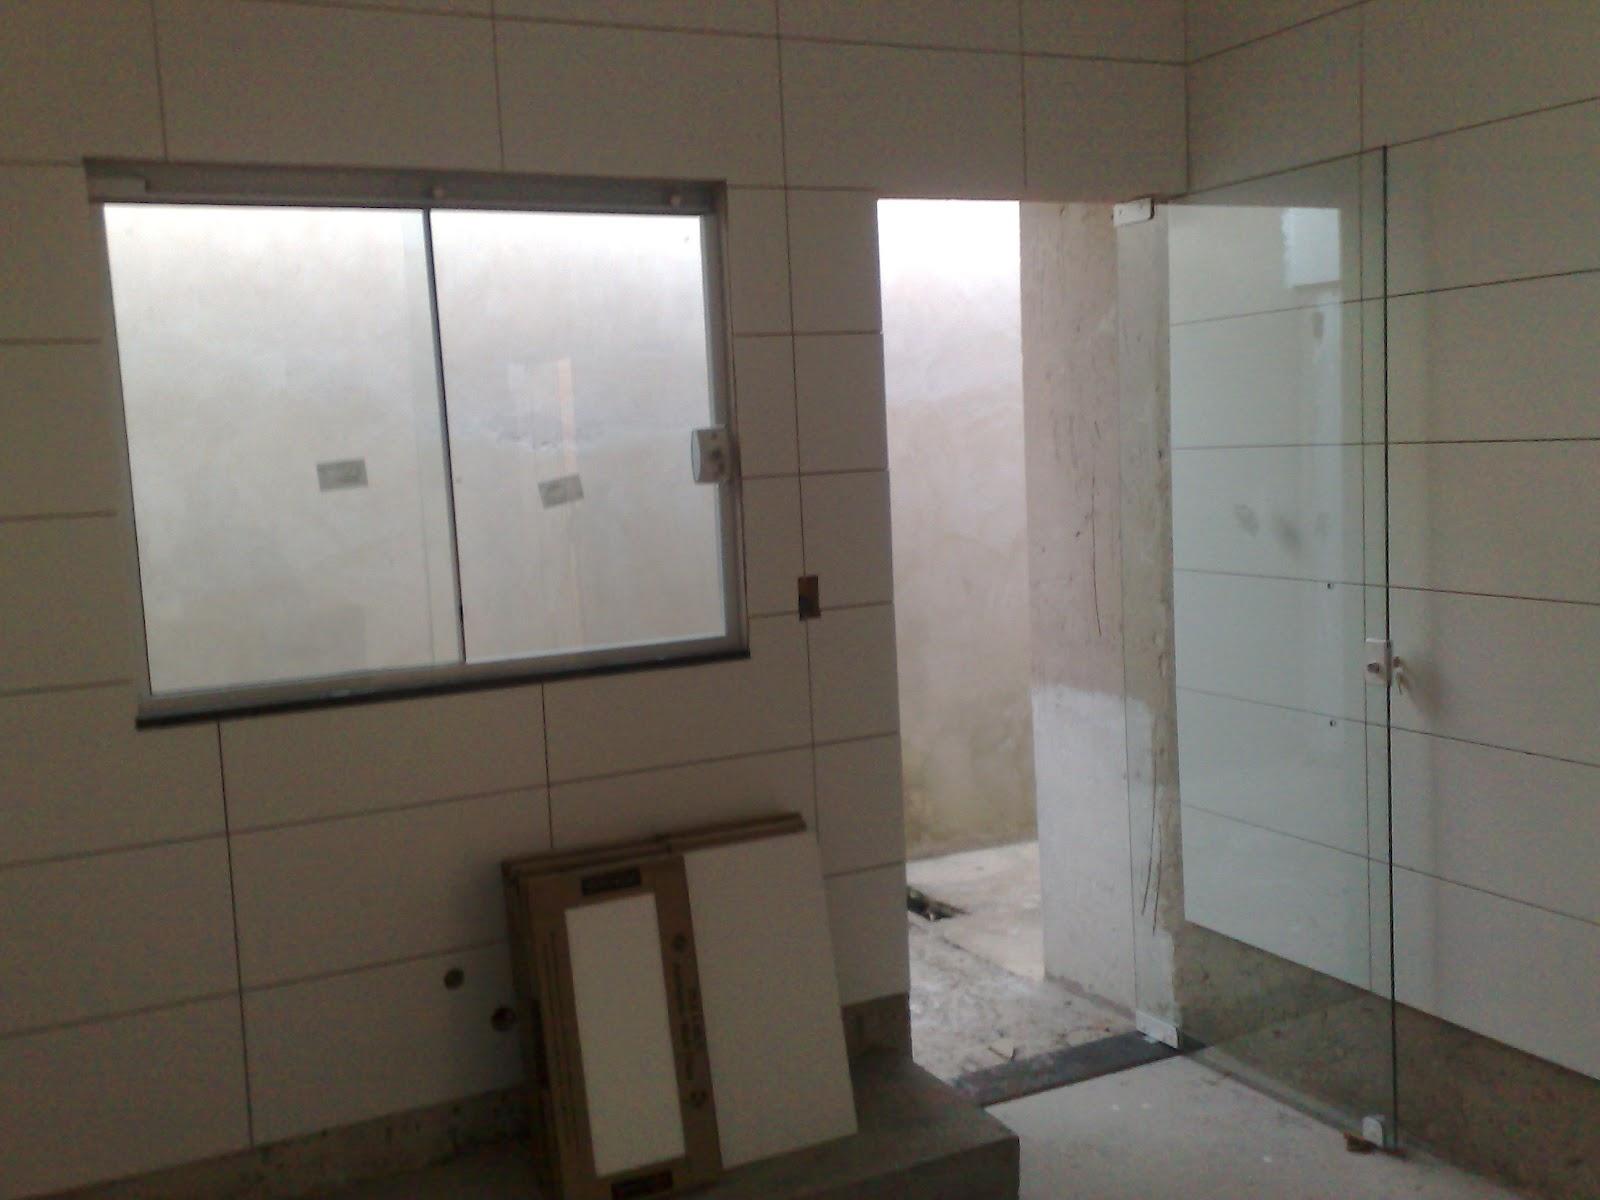 #40382C Passo a passo da construção da minha primeira casa: Vidros Blindex  220 Janelas De Vidro Para Cozinha